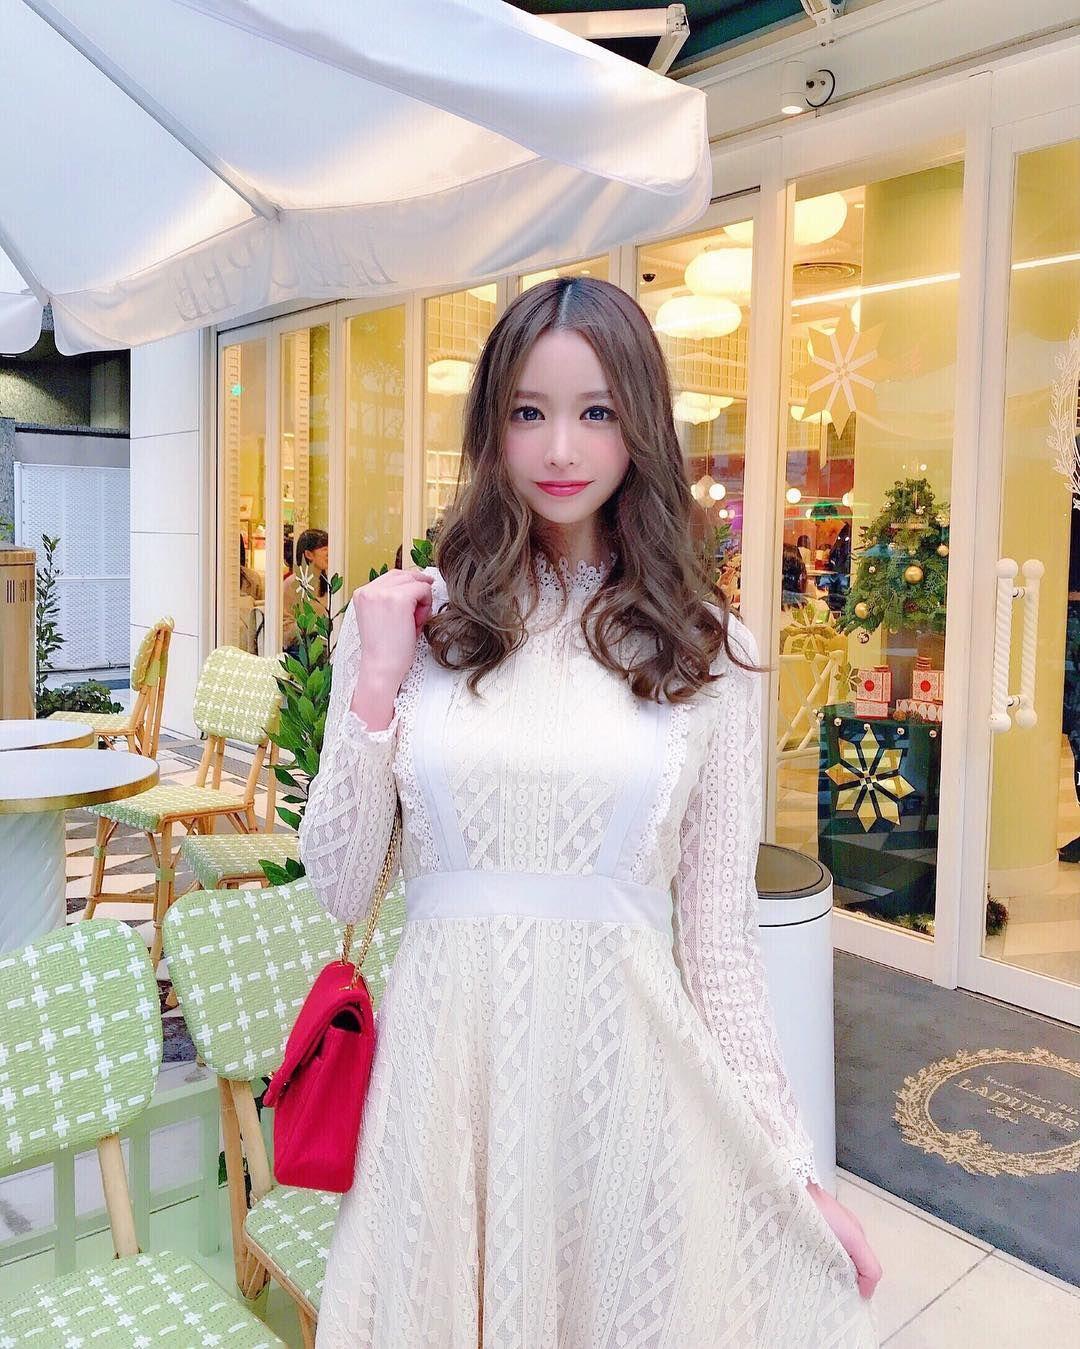 yoshimi_iyo261.jpg